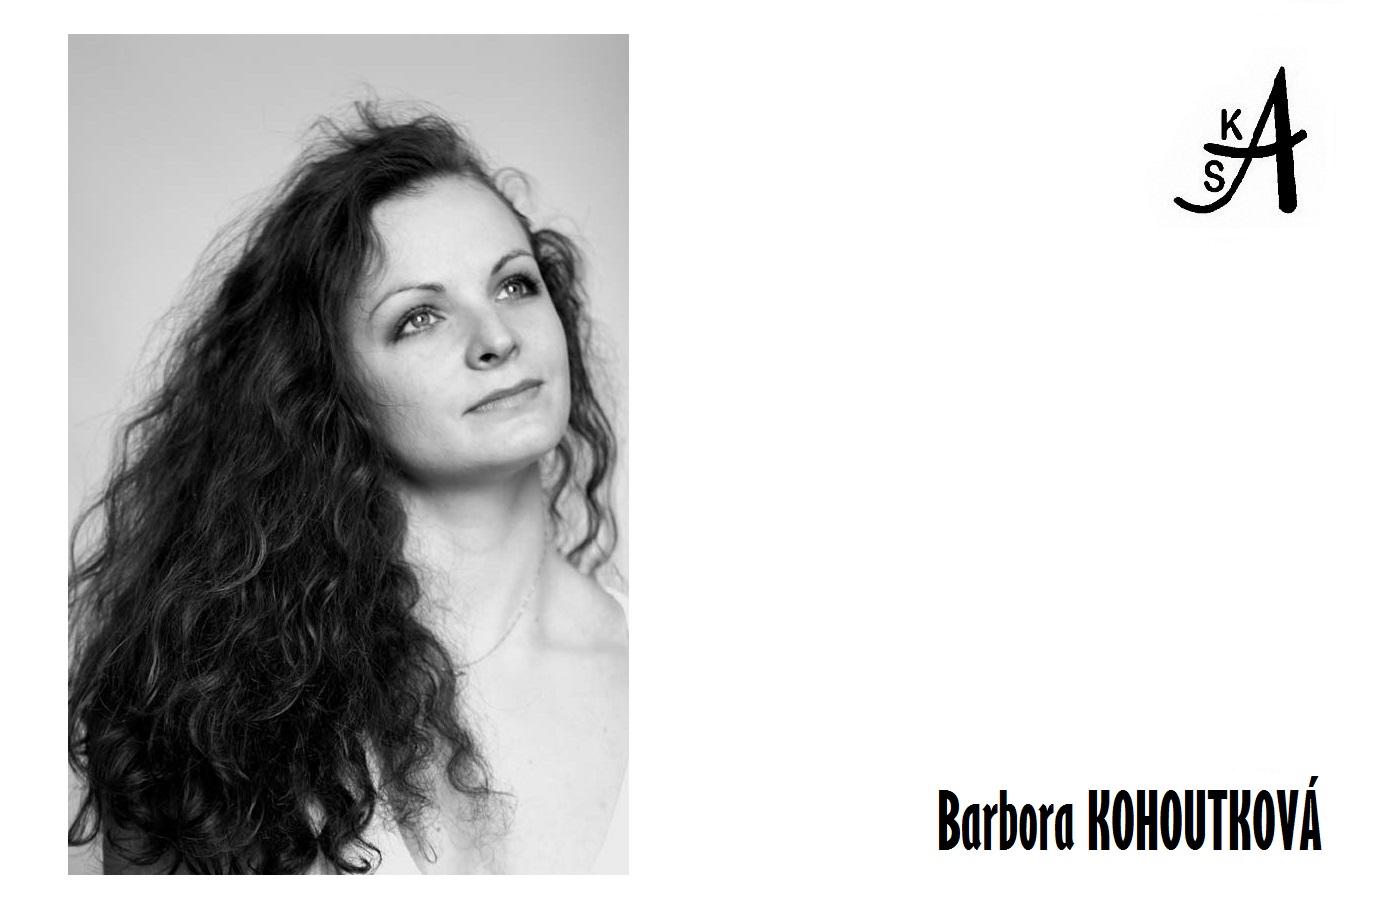 Barbora Kohoutková